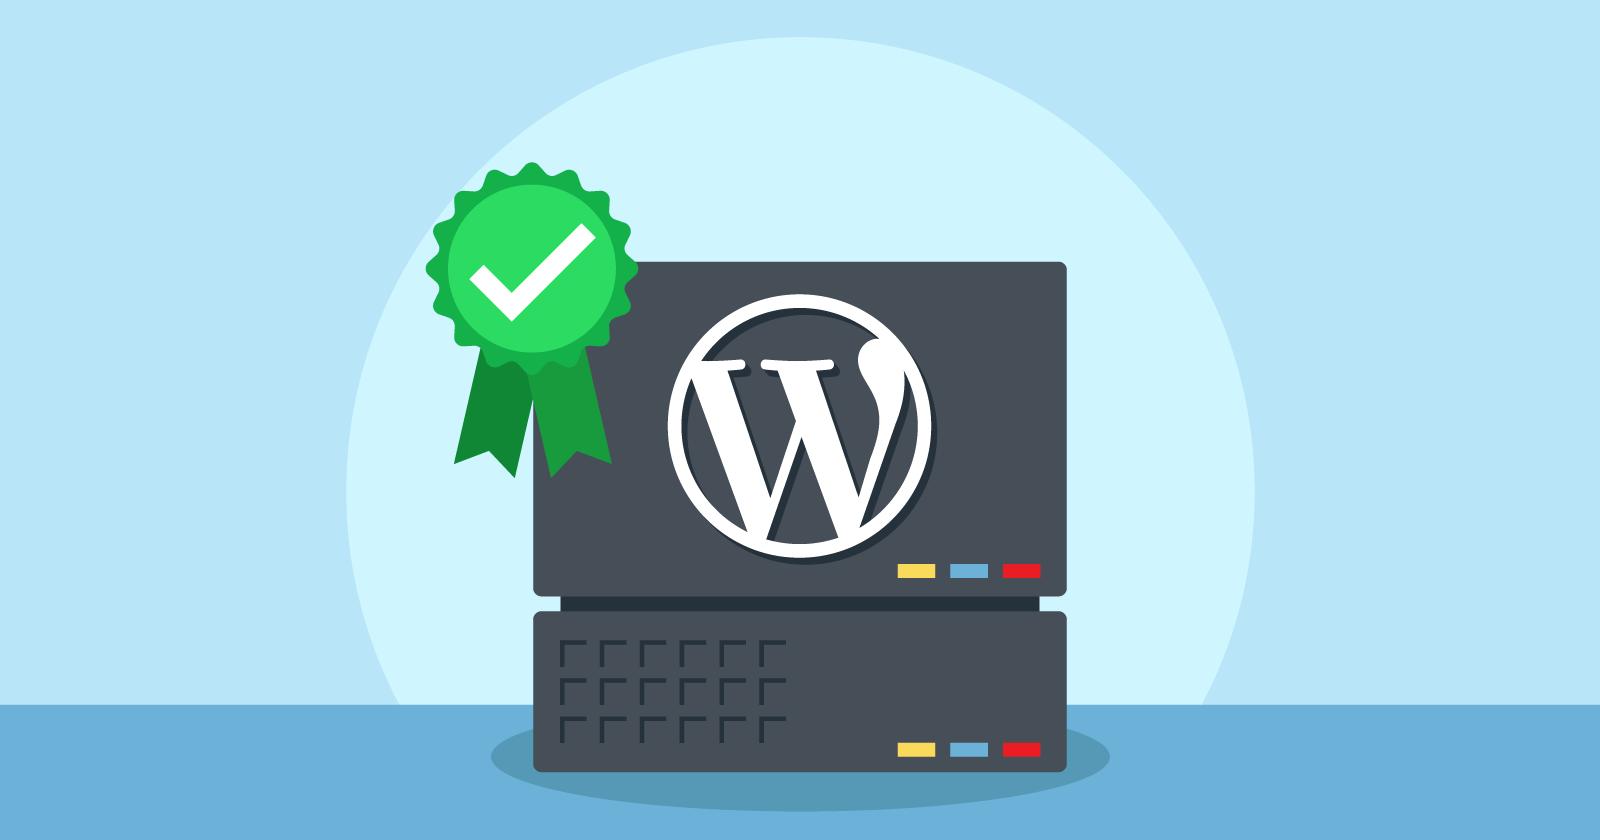 828982fa06826f Melhor Hospedagem WordPress - Ranking Agosto 2019 [+ Descontos]